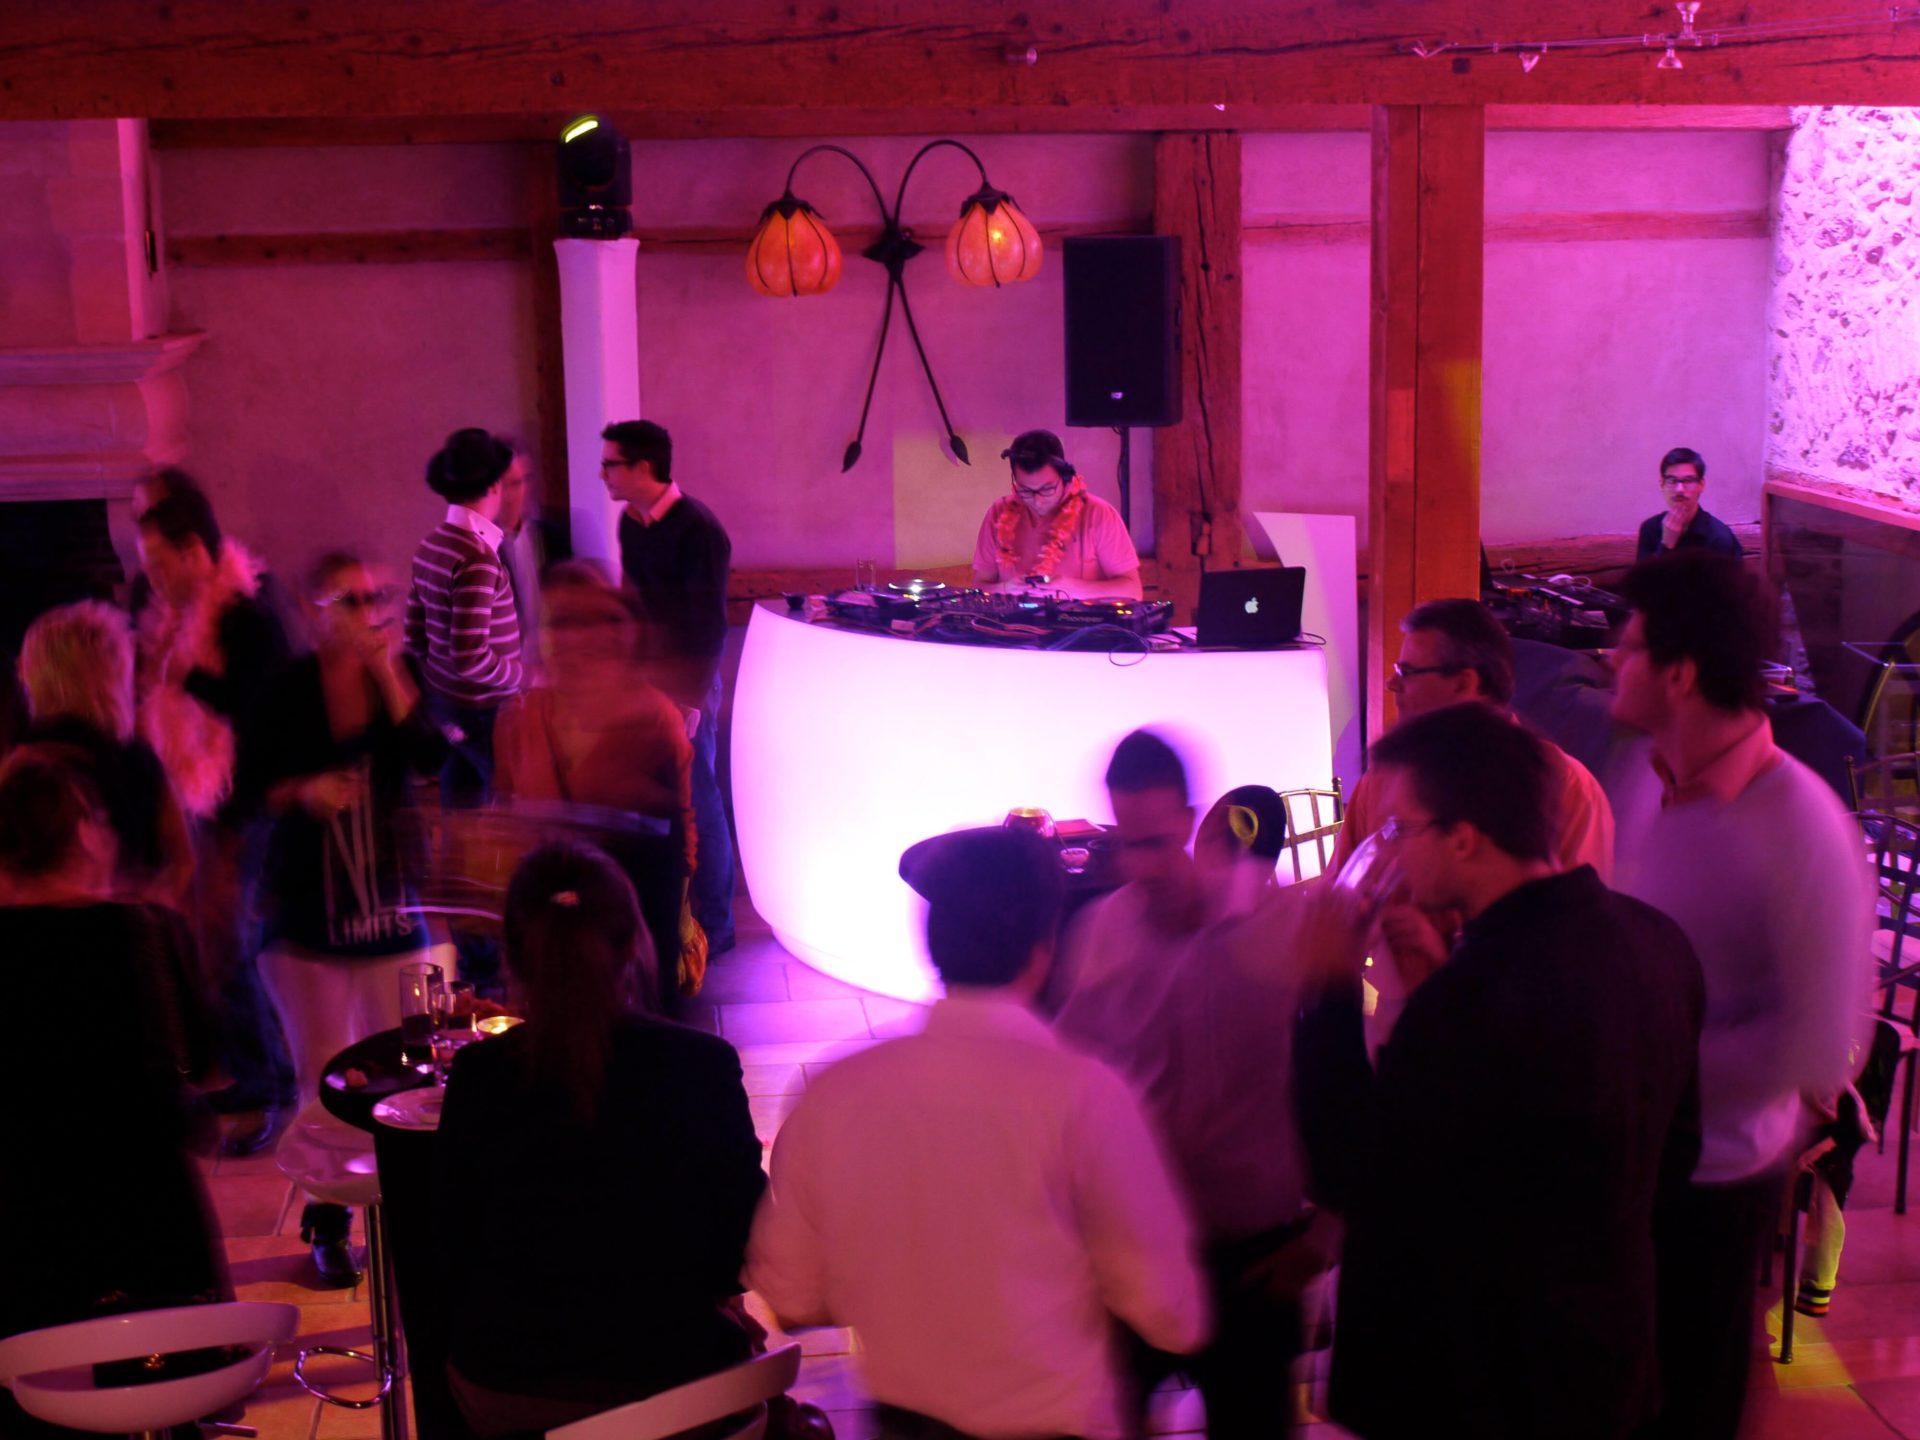 portes des iris 08DJ musique danse scaled - La réussite d'un événement réside souvent dans le choix du Dj!